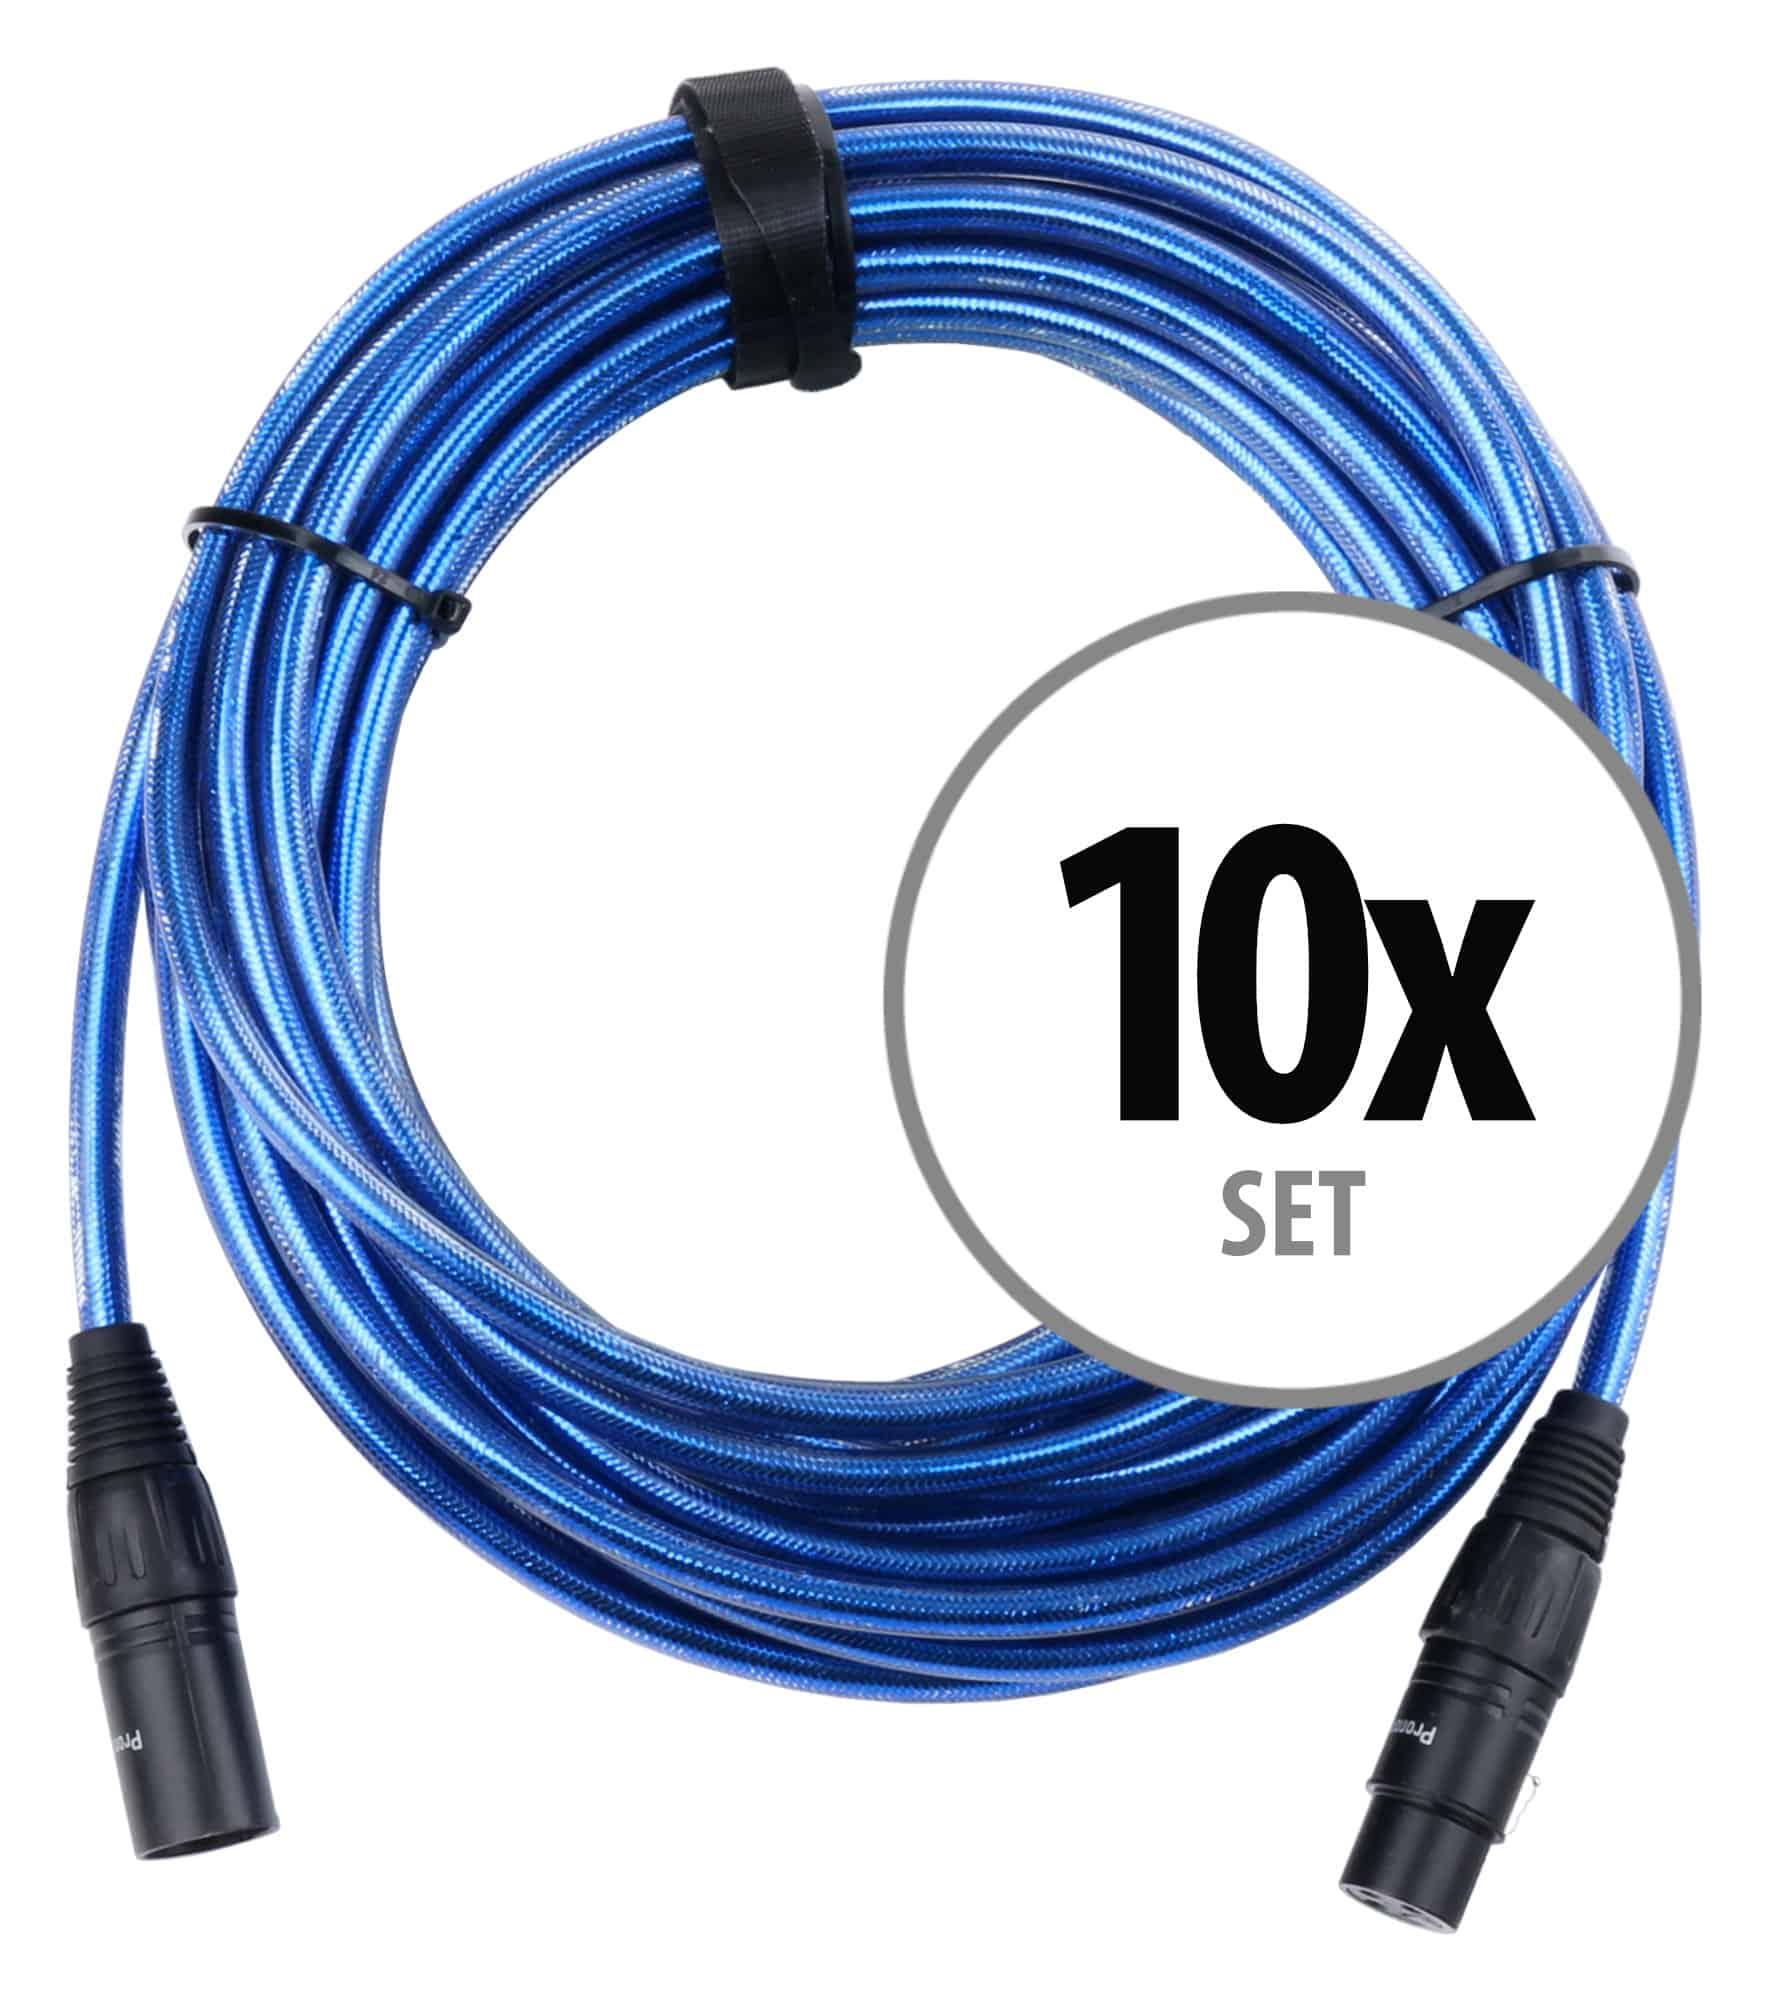 10er Set Pronomic Stage XFXM Blue 10 Mikrofonkabel XLR 10 m Metallic Blue